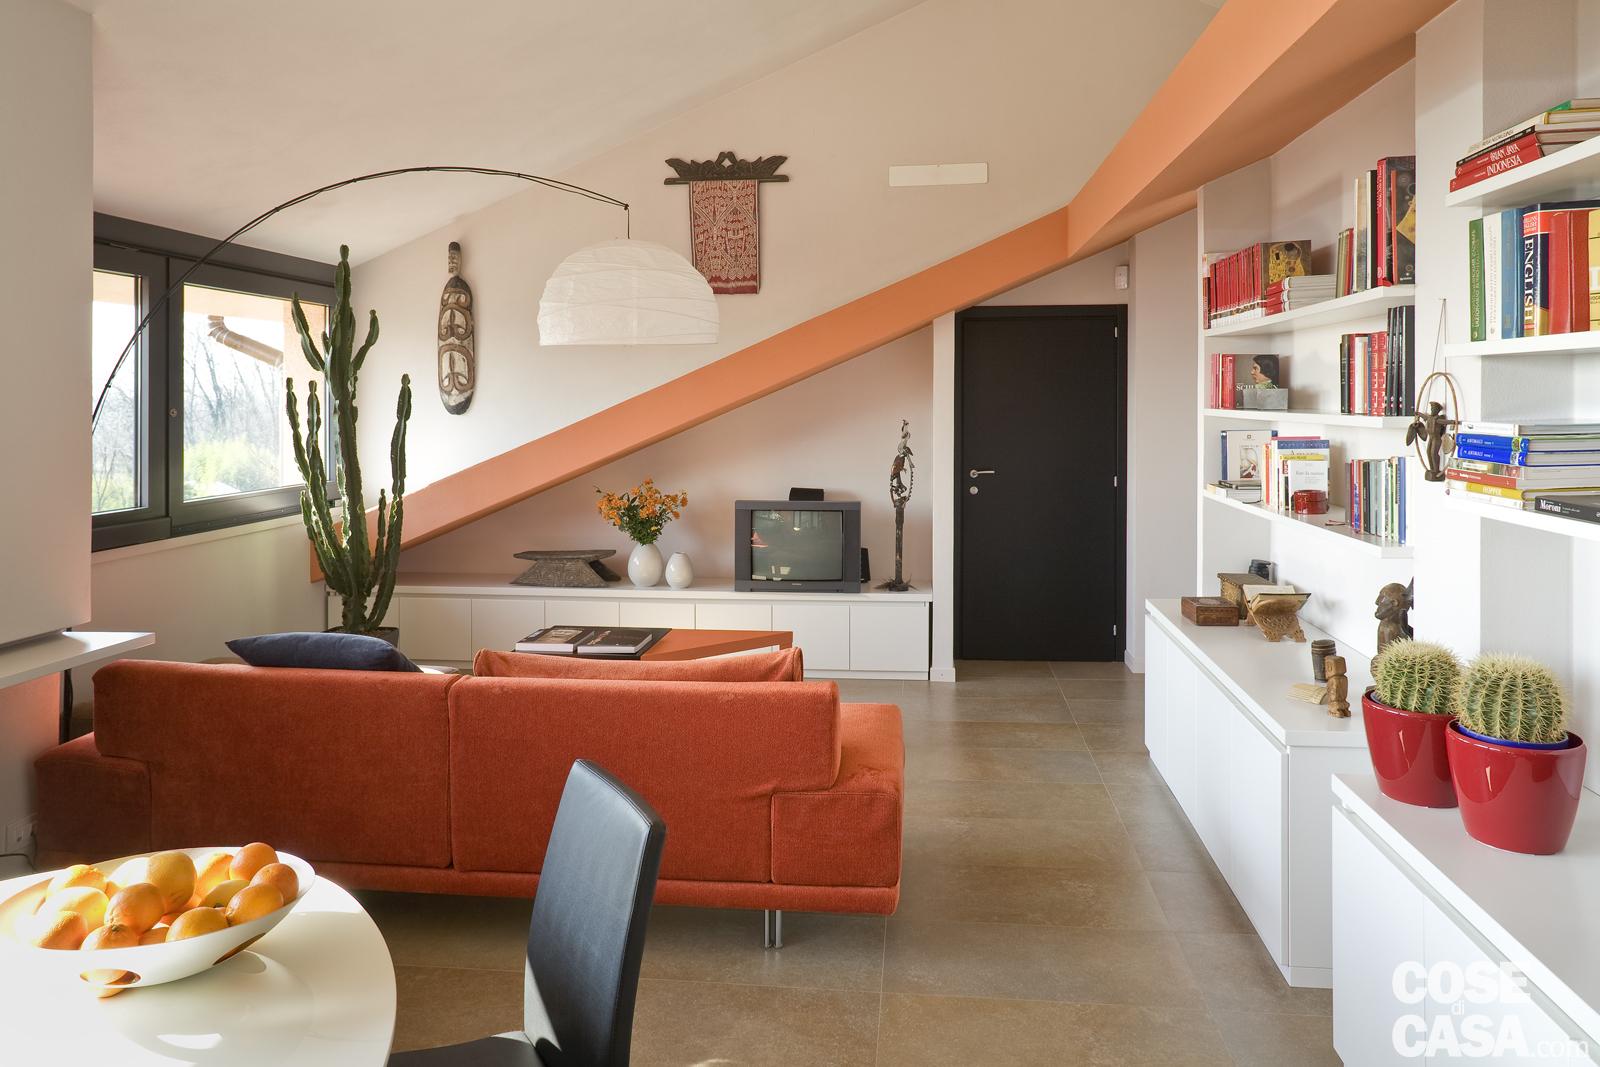 Il fascino di mansarde e sottotetti spazio soluzioni for Foto di mansarde arredate